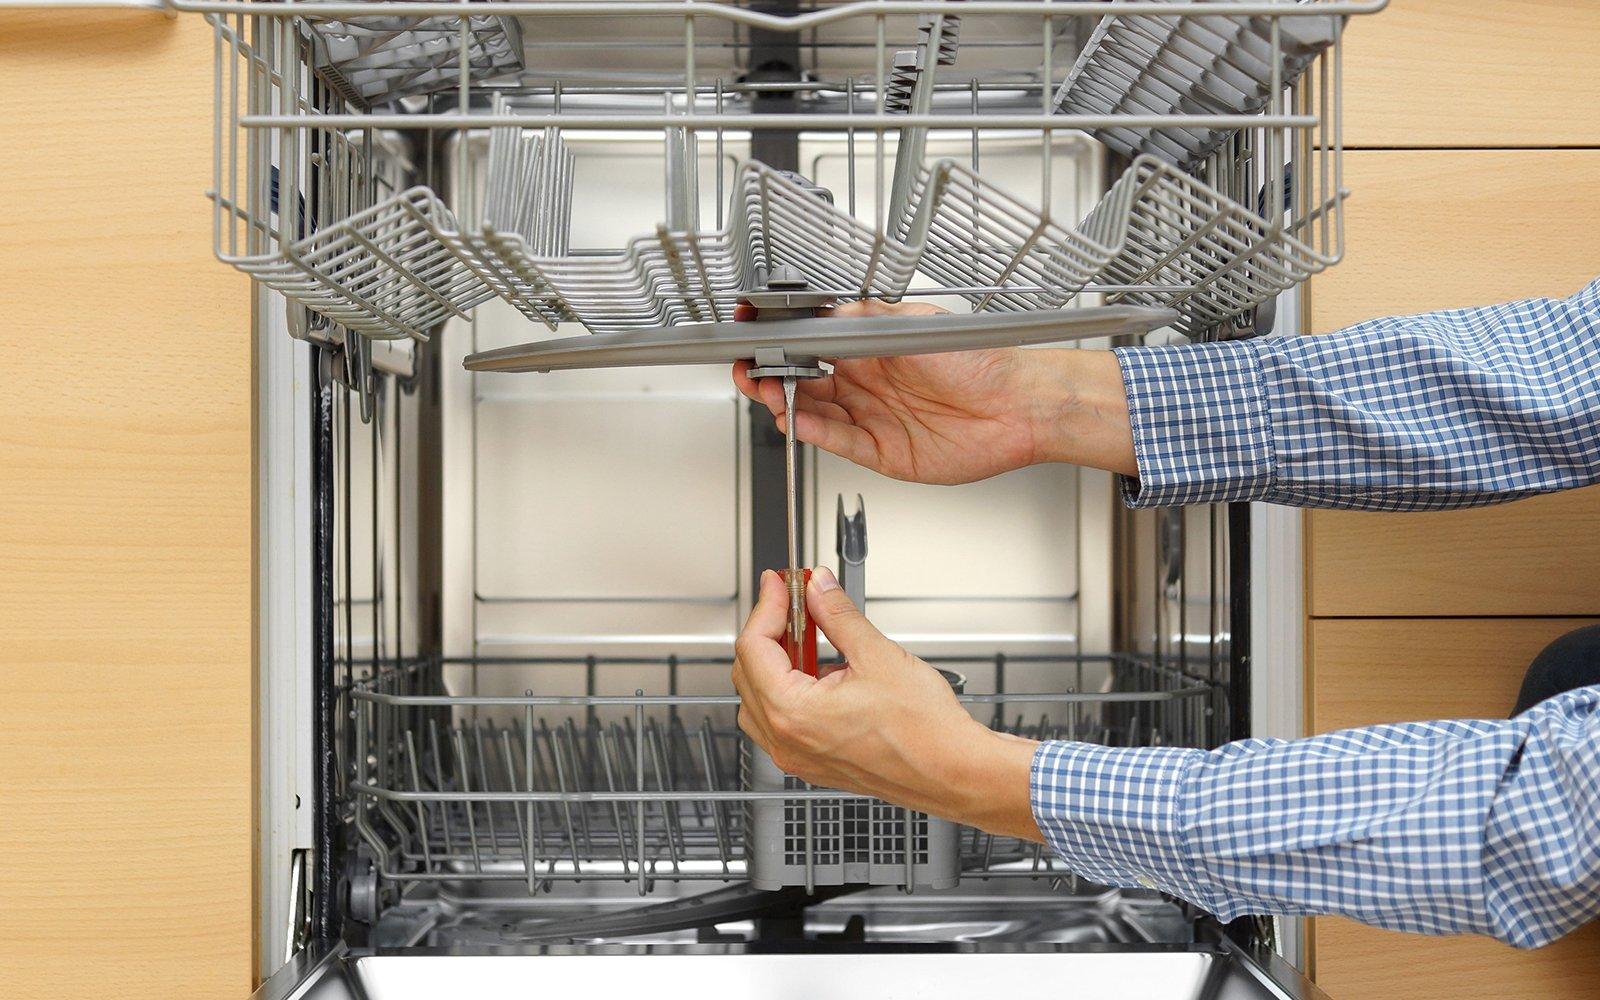 Lavoratore che ripara una lavastoviglie